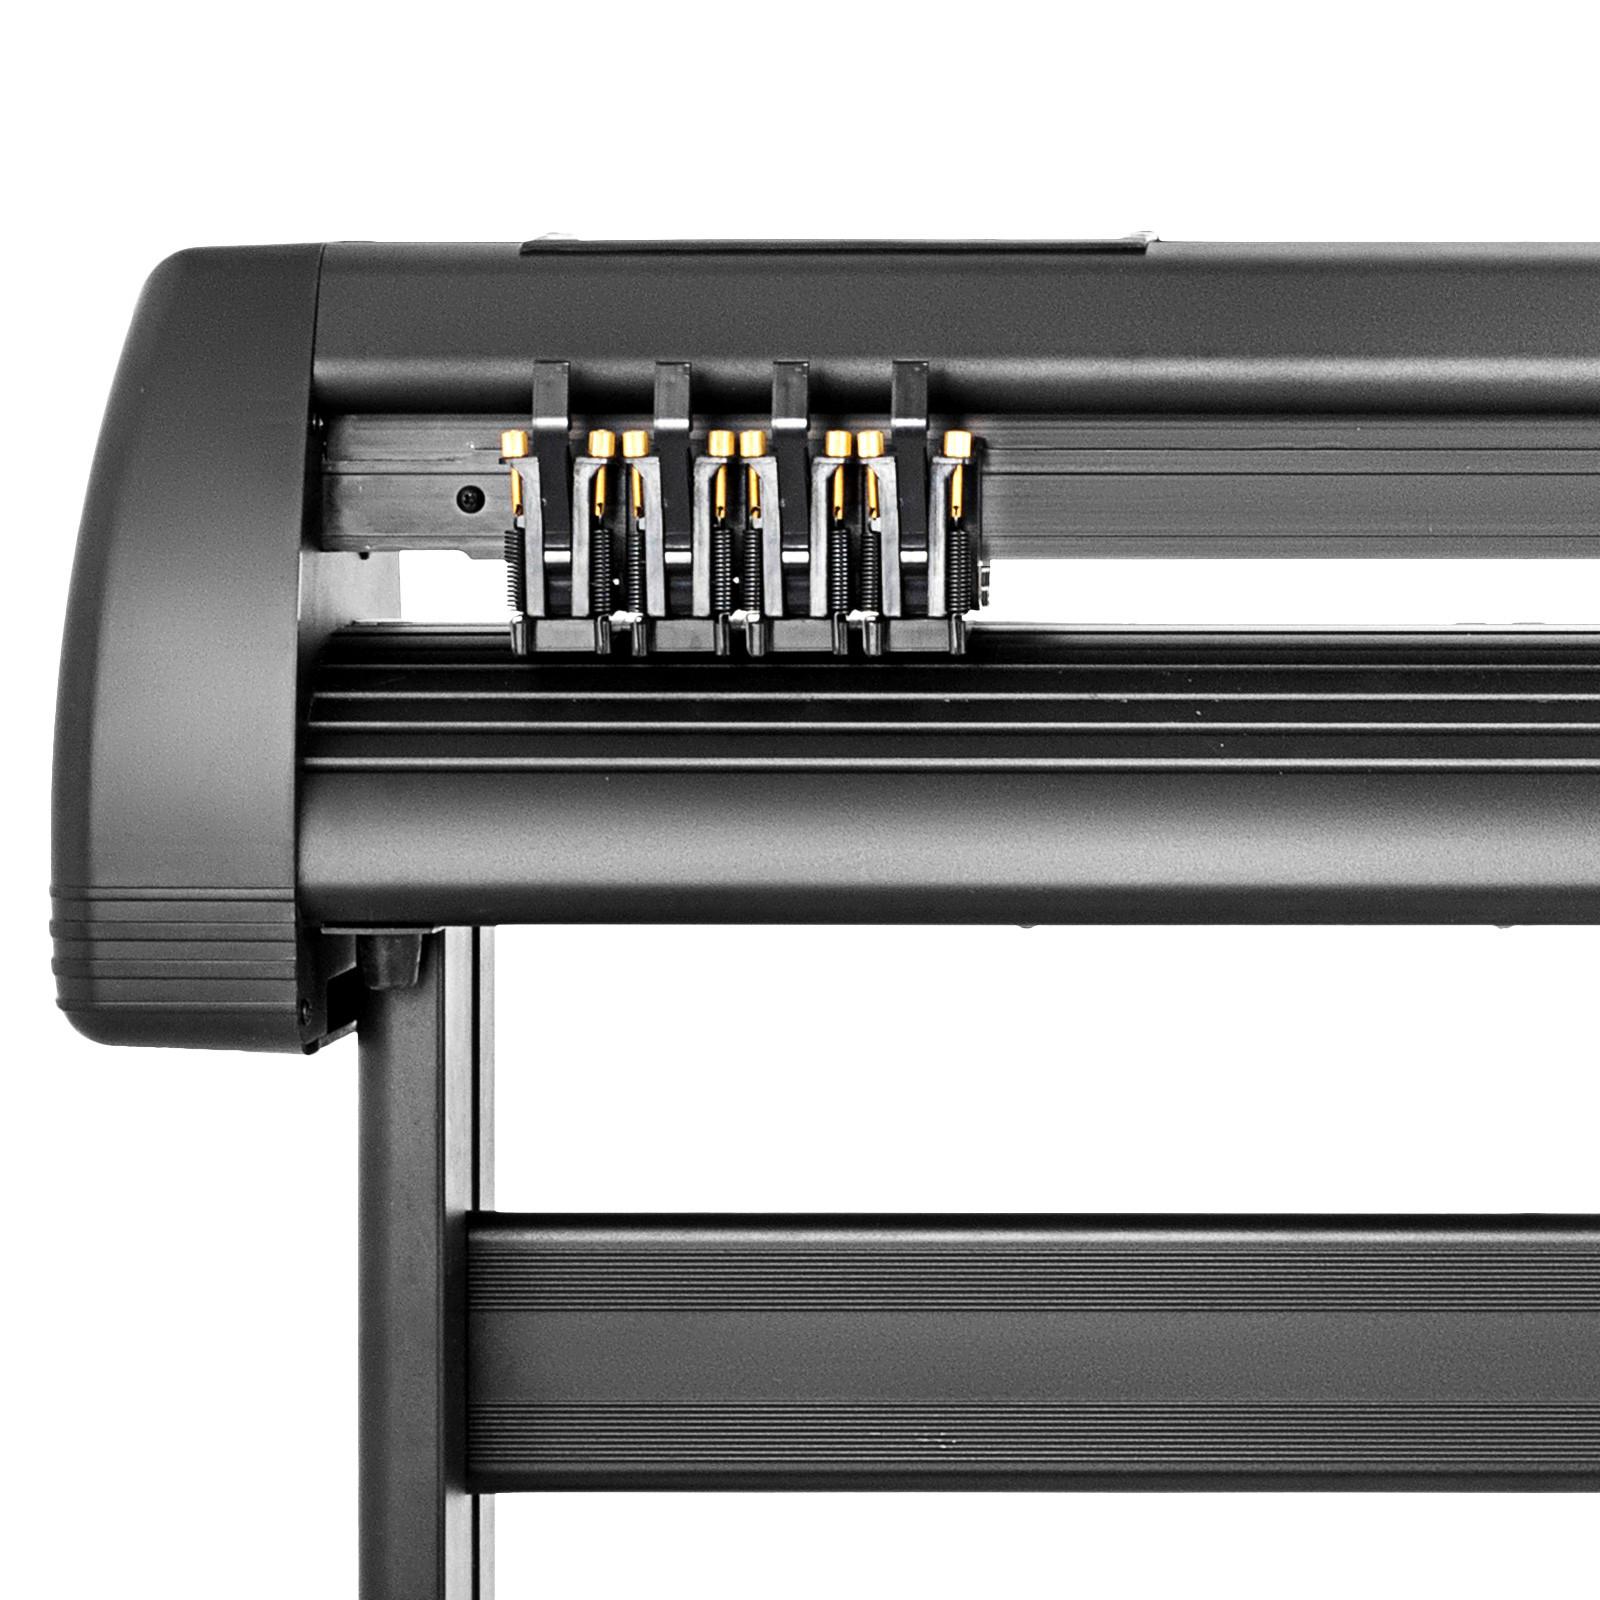 Vinyl-Cutter-Plotter-Cutting-14-28-34-53-inch-Art-Craft-Software-Stepper-motor thumbnail 54